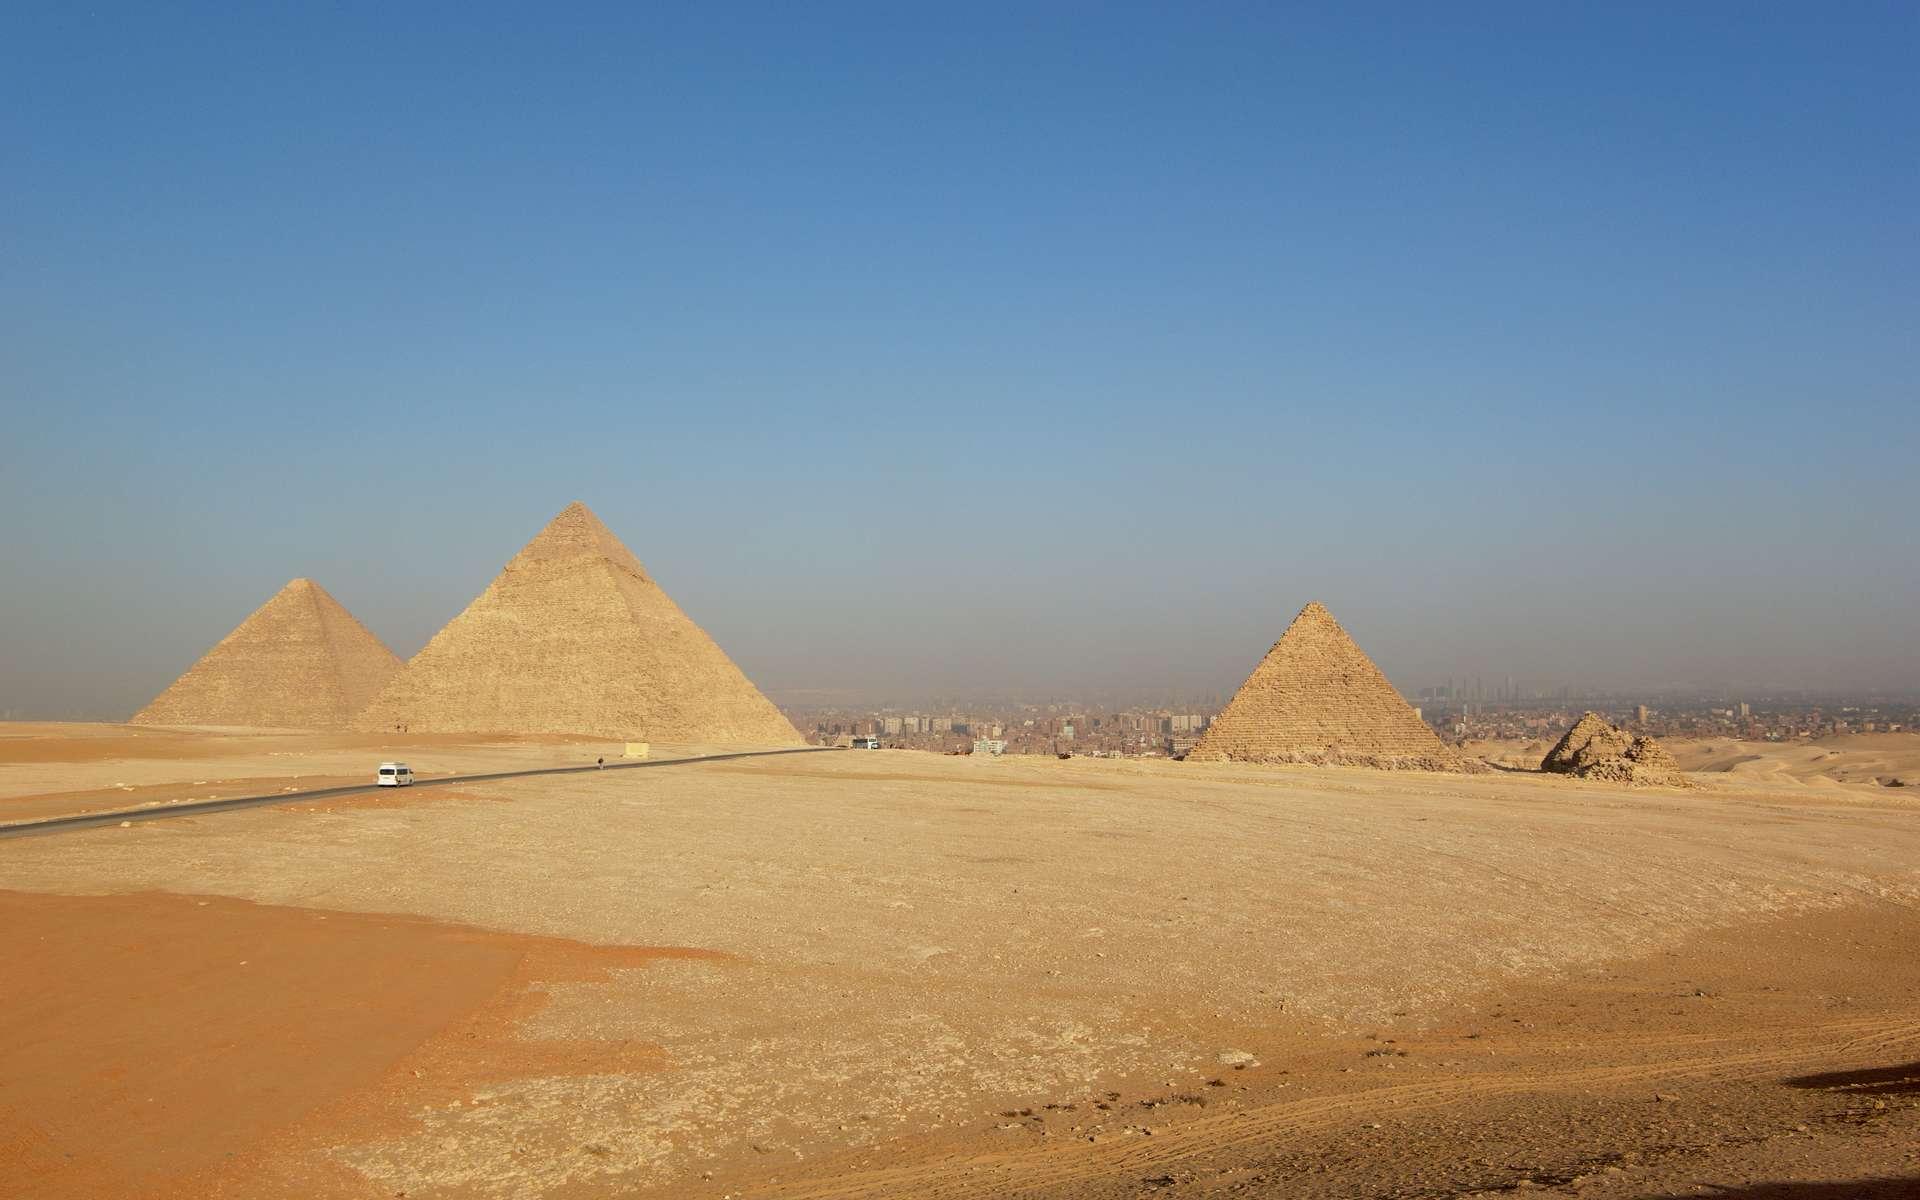 Des archéologues franco-britanniques ont peut-être trouvé dans une rampe étonnamment pentue, la clé de l'énigme de la construction des Grandes Pyramides d'Égypte. © Berthold Werner, Wikimedia Commons, CC by-sa 3.0